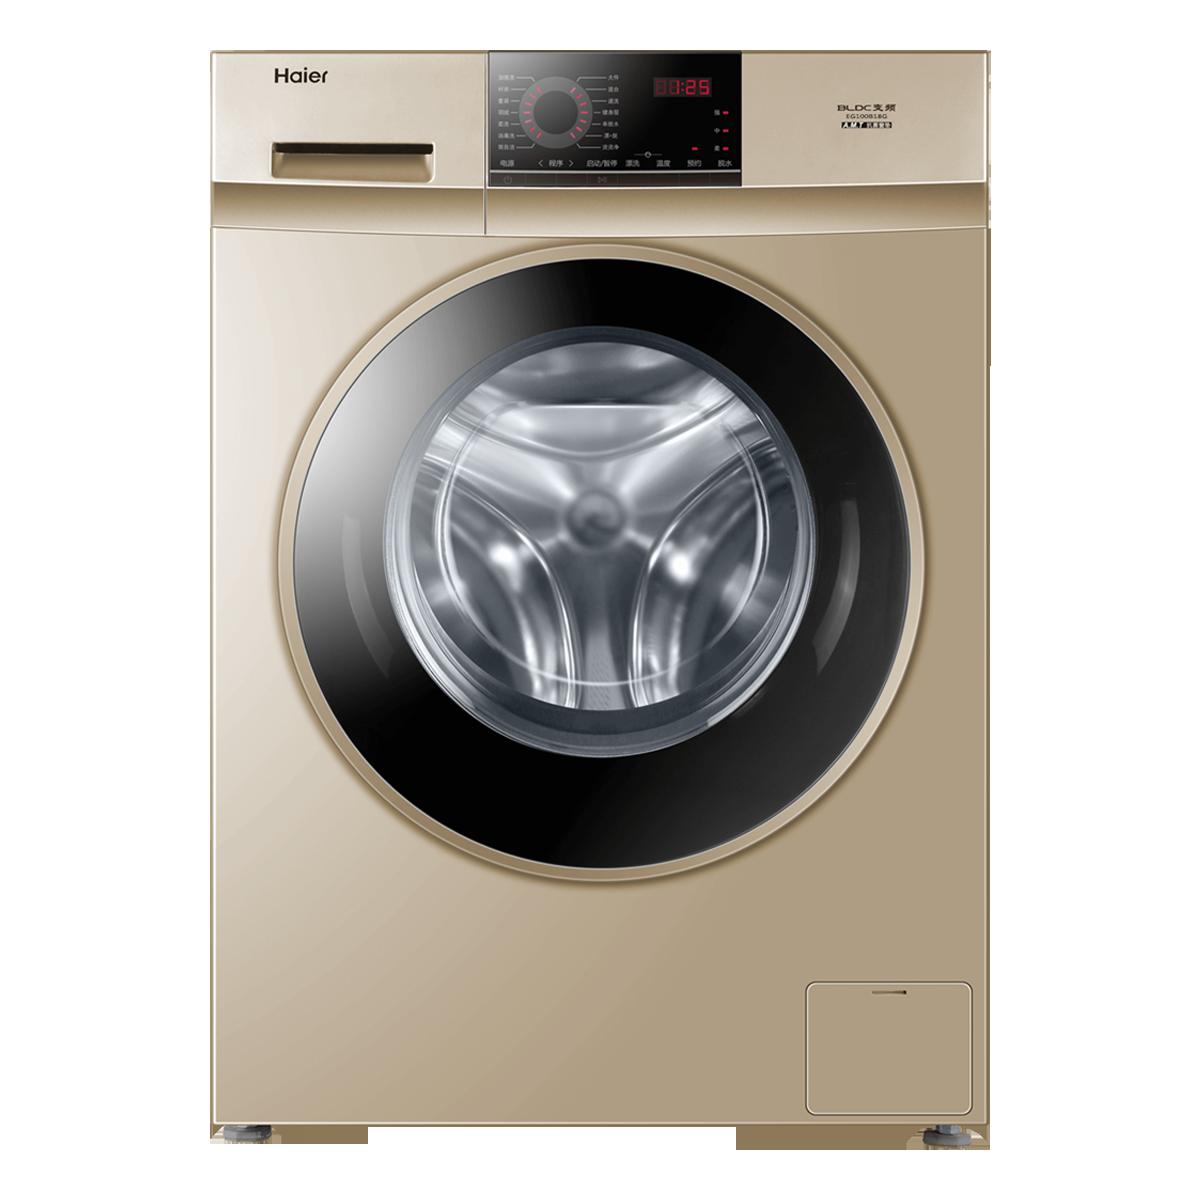 海尔Haier洗衣机 EG100B18G 说明书